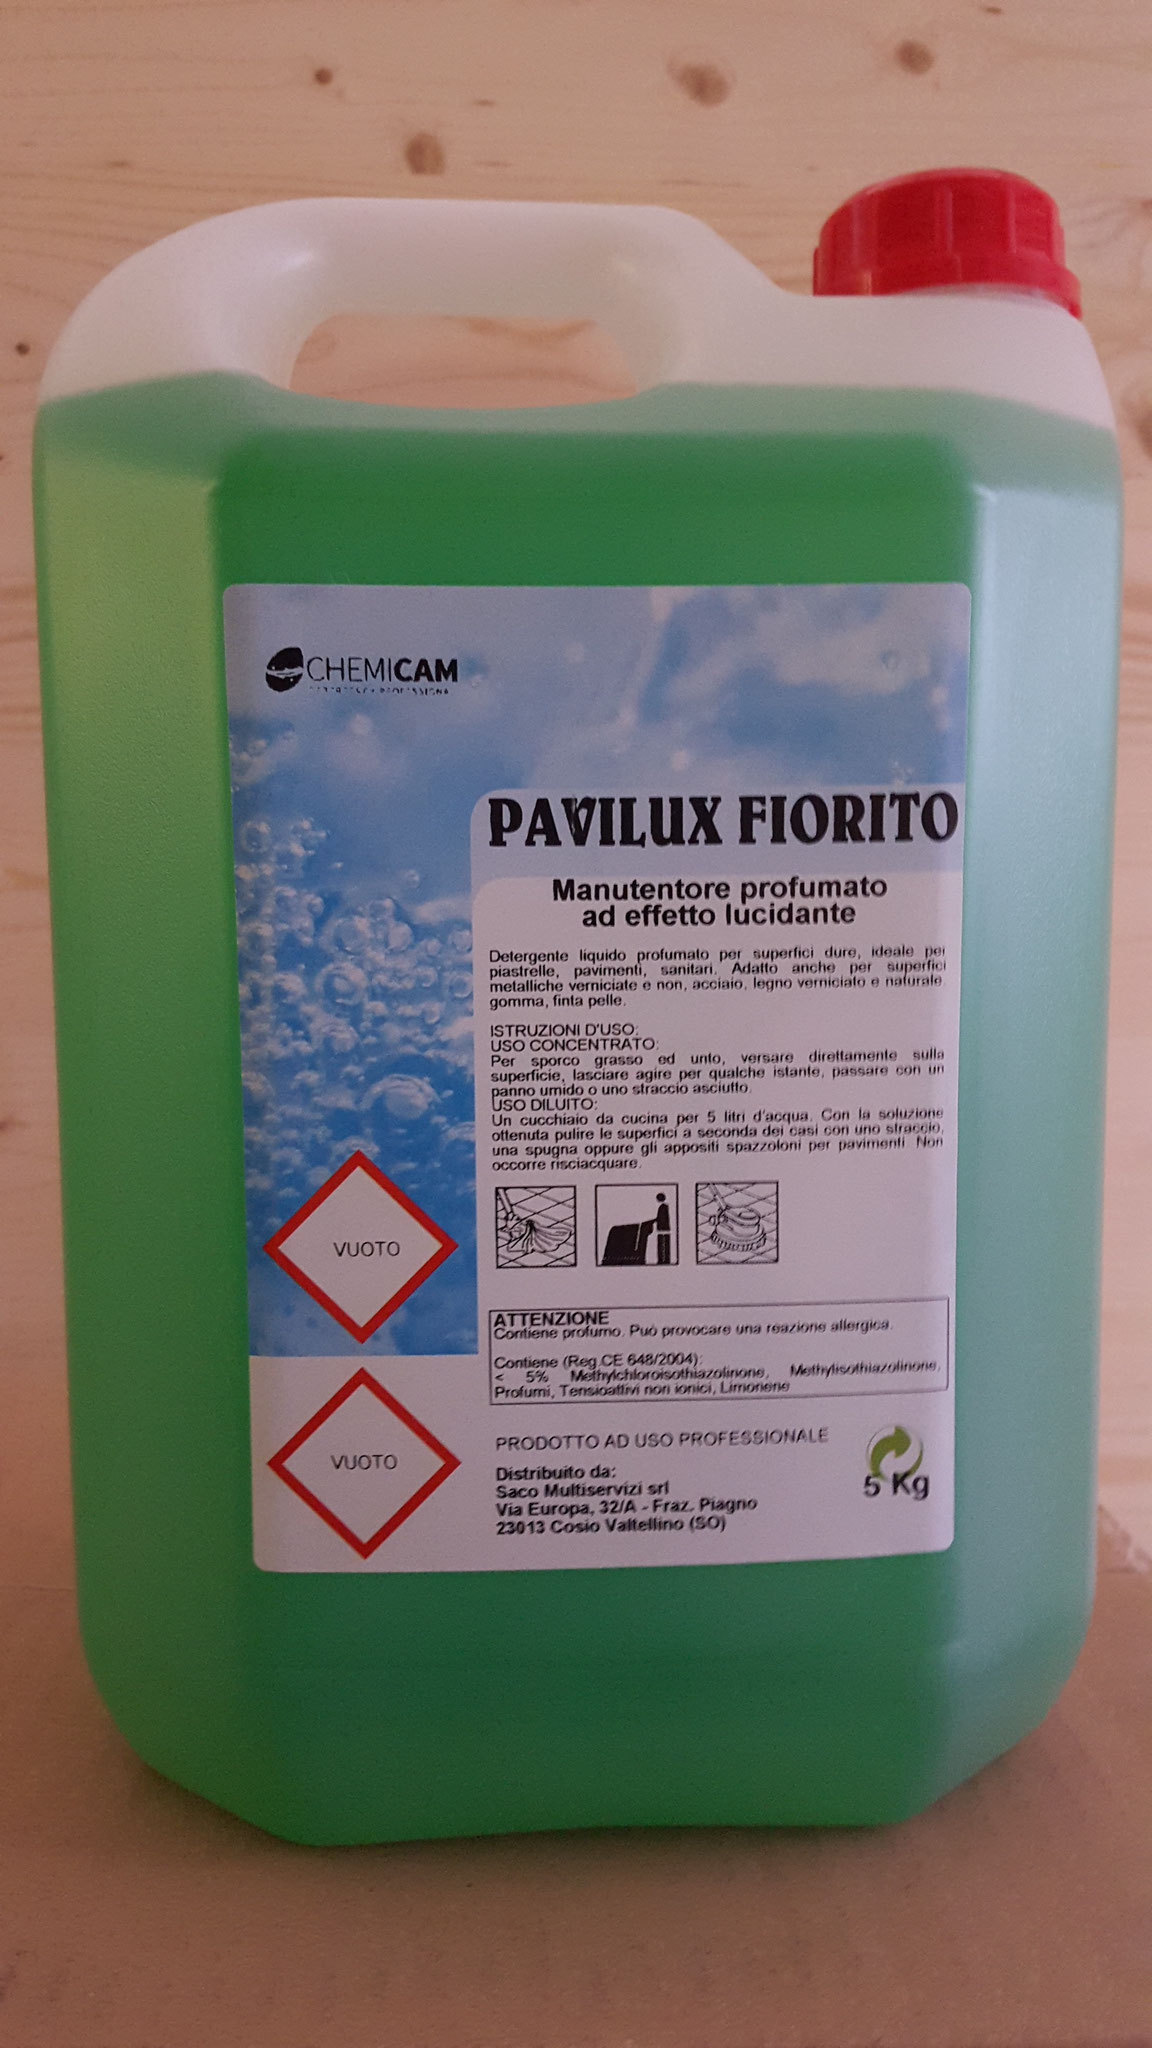 PAVILUX FIORITO - Detergente manutentore dal delicato profumo di fiori. Pulisce e ridona lucentezza a tutti i tipi di pavimento e tutte le superfici lavabili